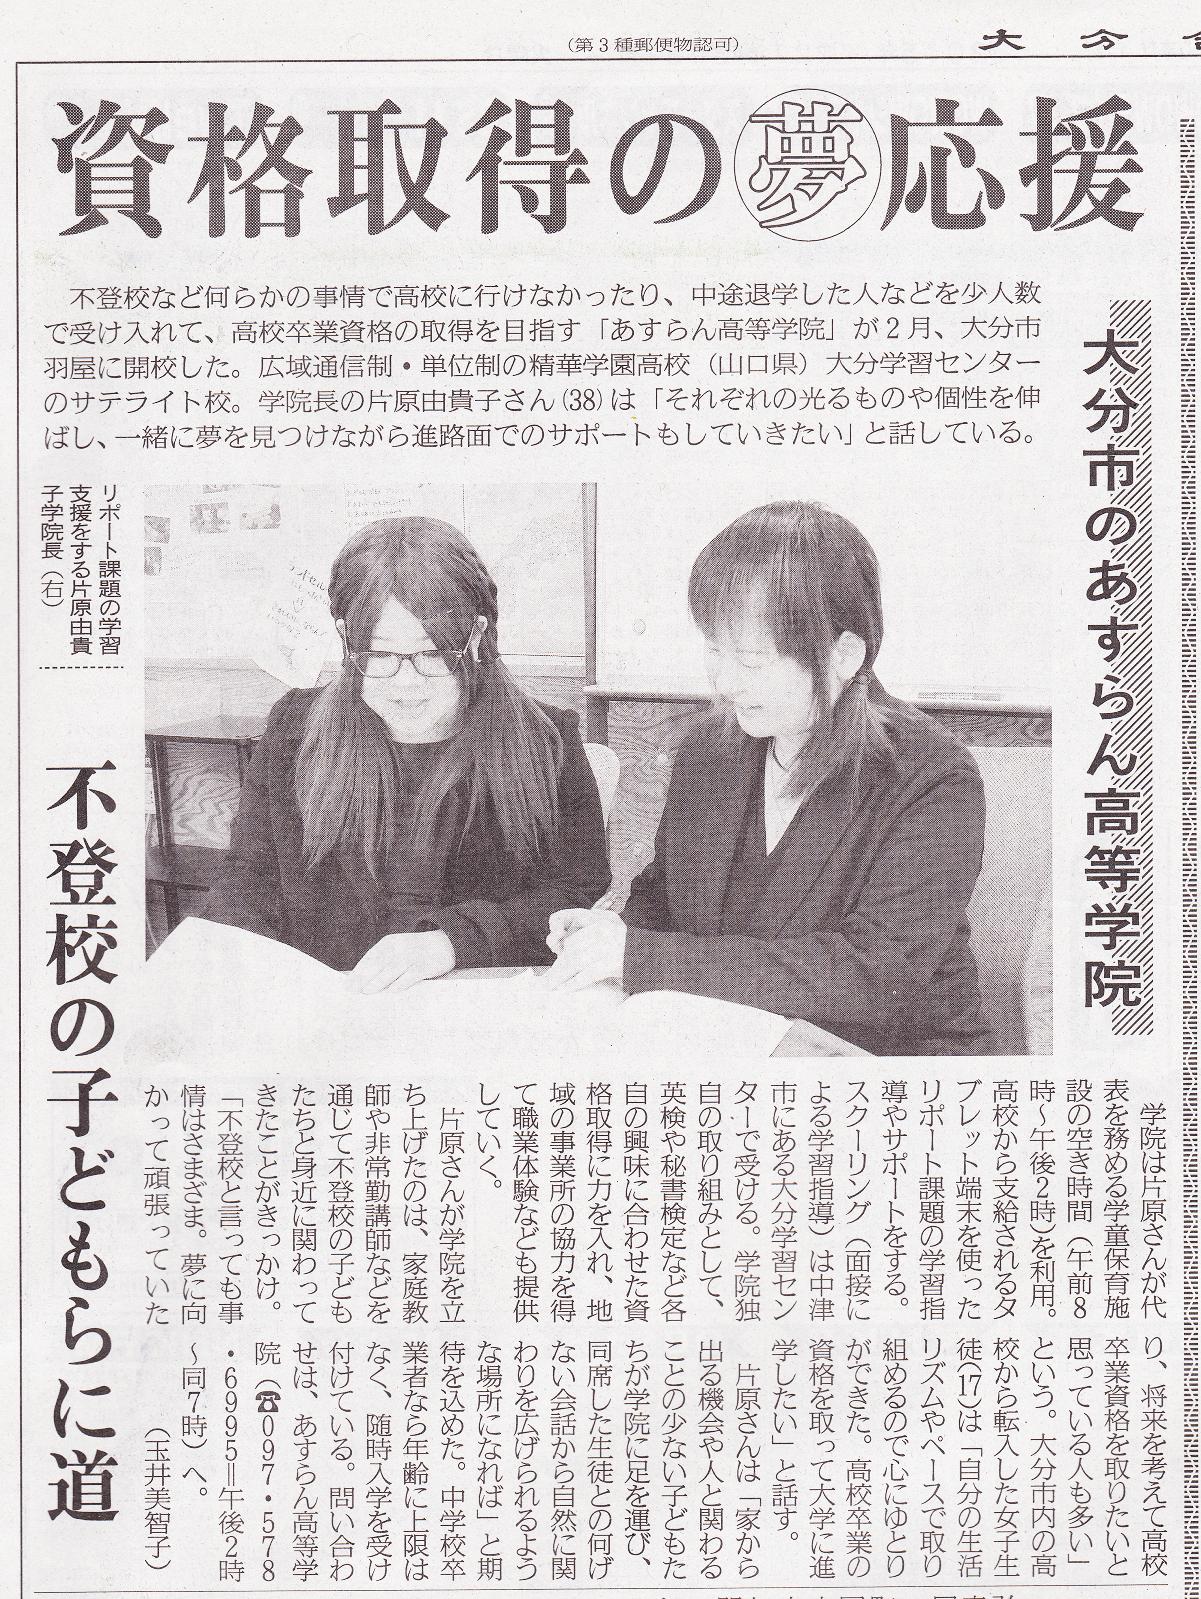 20150331 大分合同新聞掲載